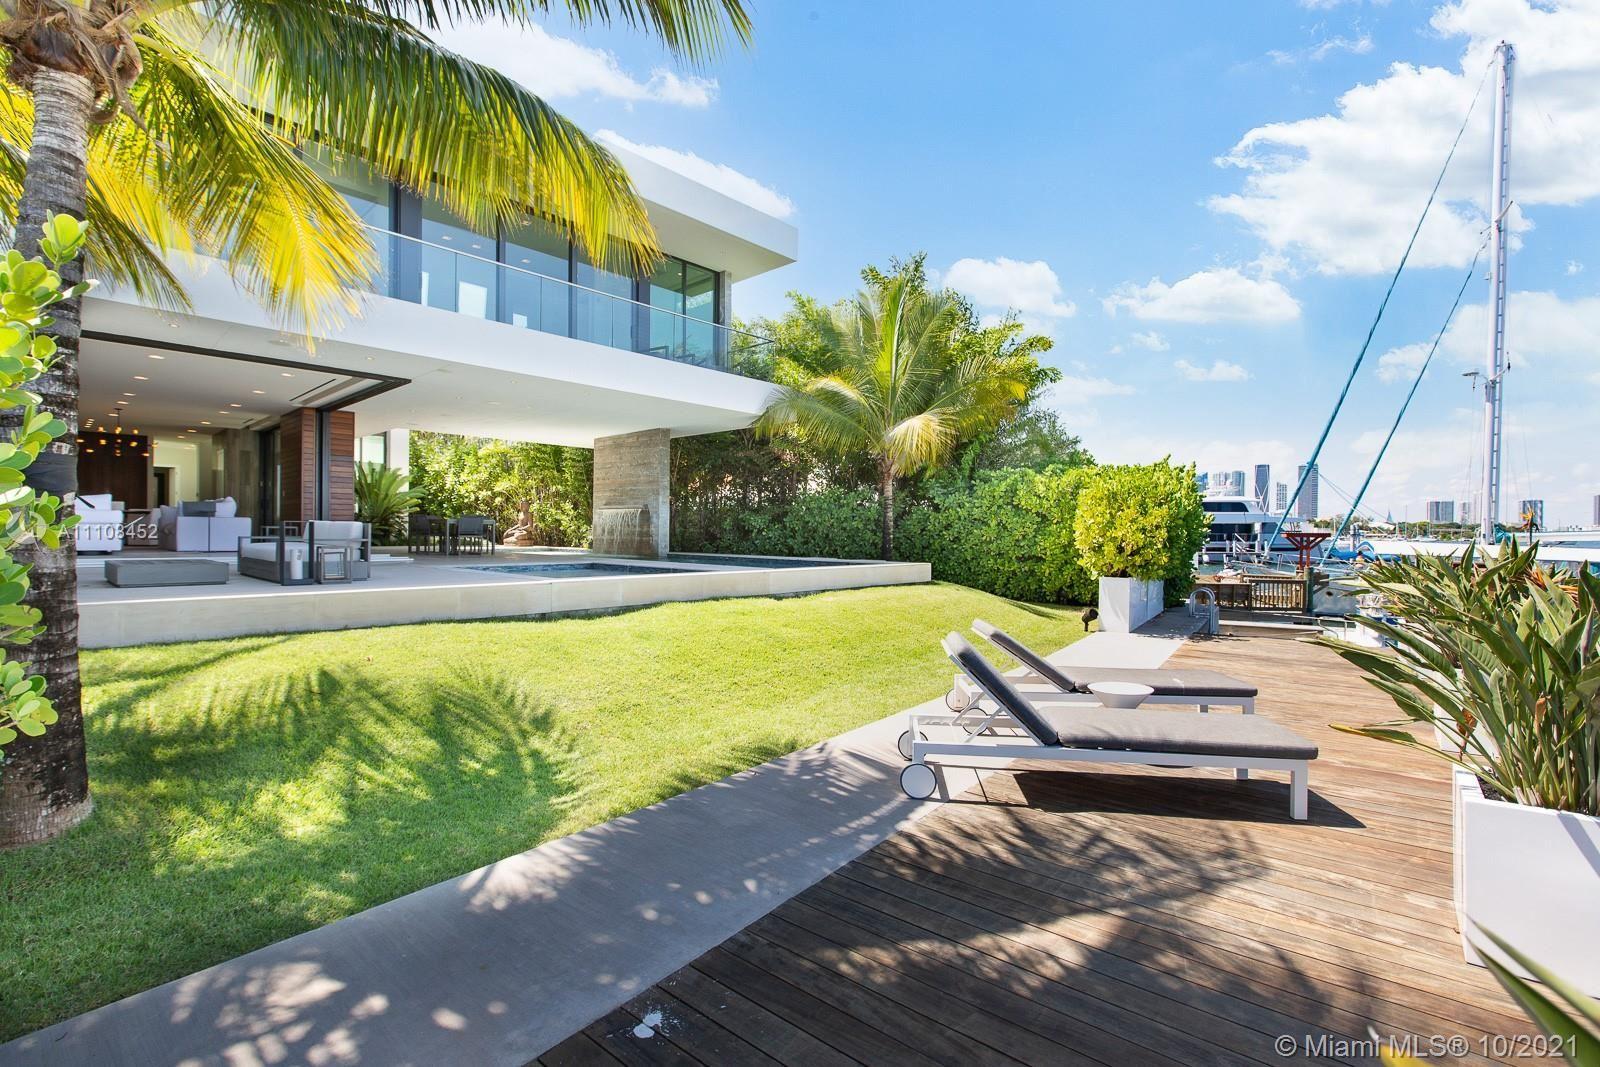 Photo of 421 N Hibiscus Dr, Miami Beach, FL 33139 (MLS # A11108452)